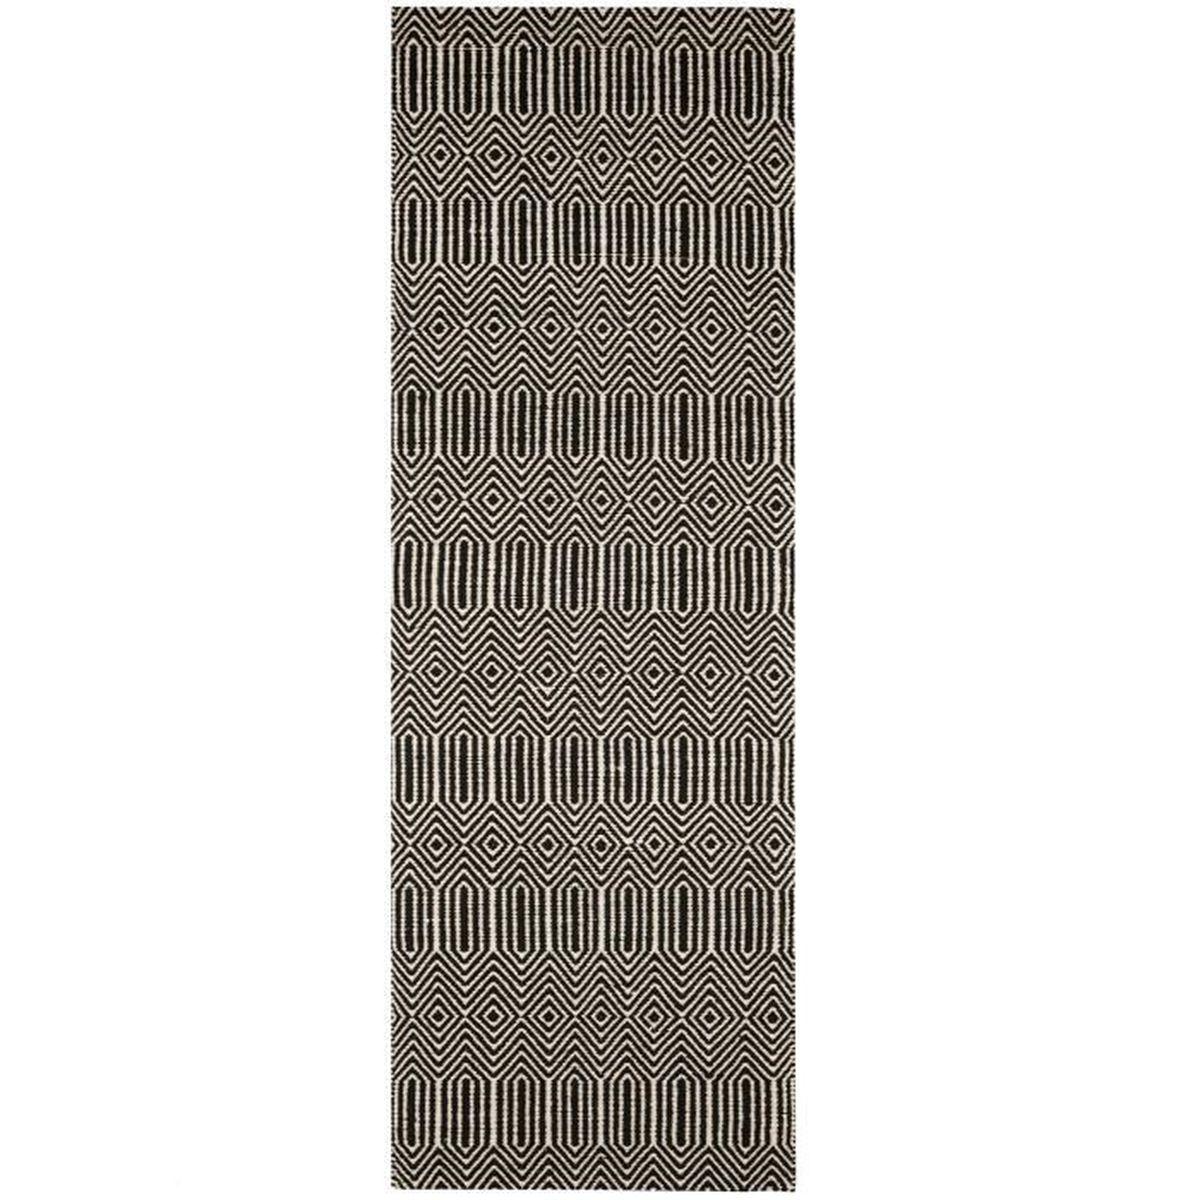 Tapis Poil Ras De Couloir Sloan Noir Blanc 66x200 Cm Tapis Poil